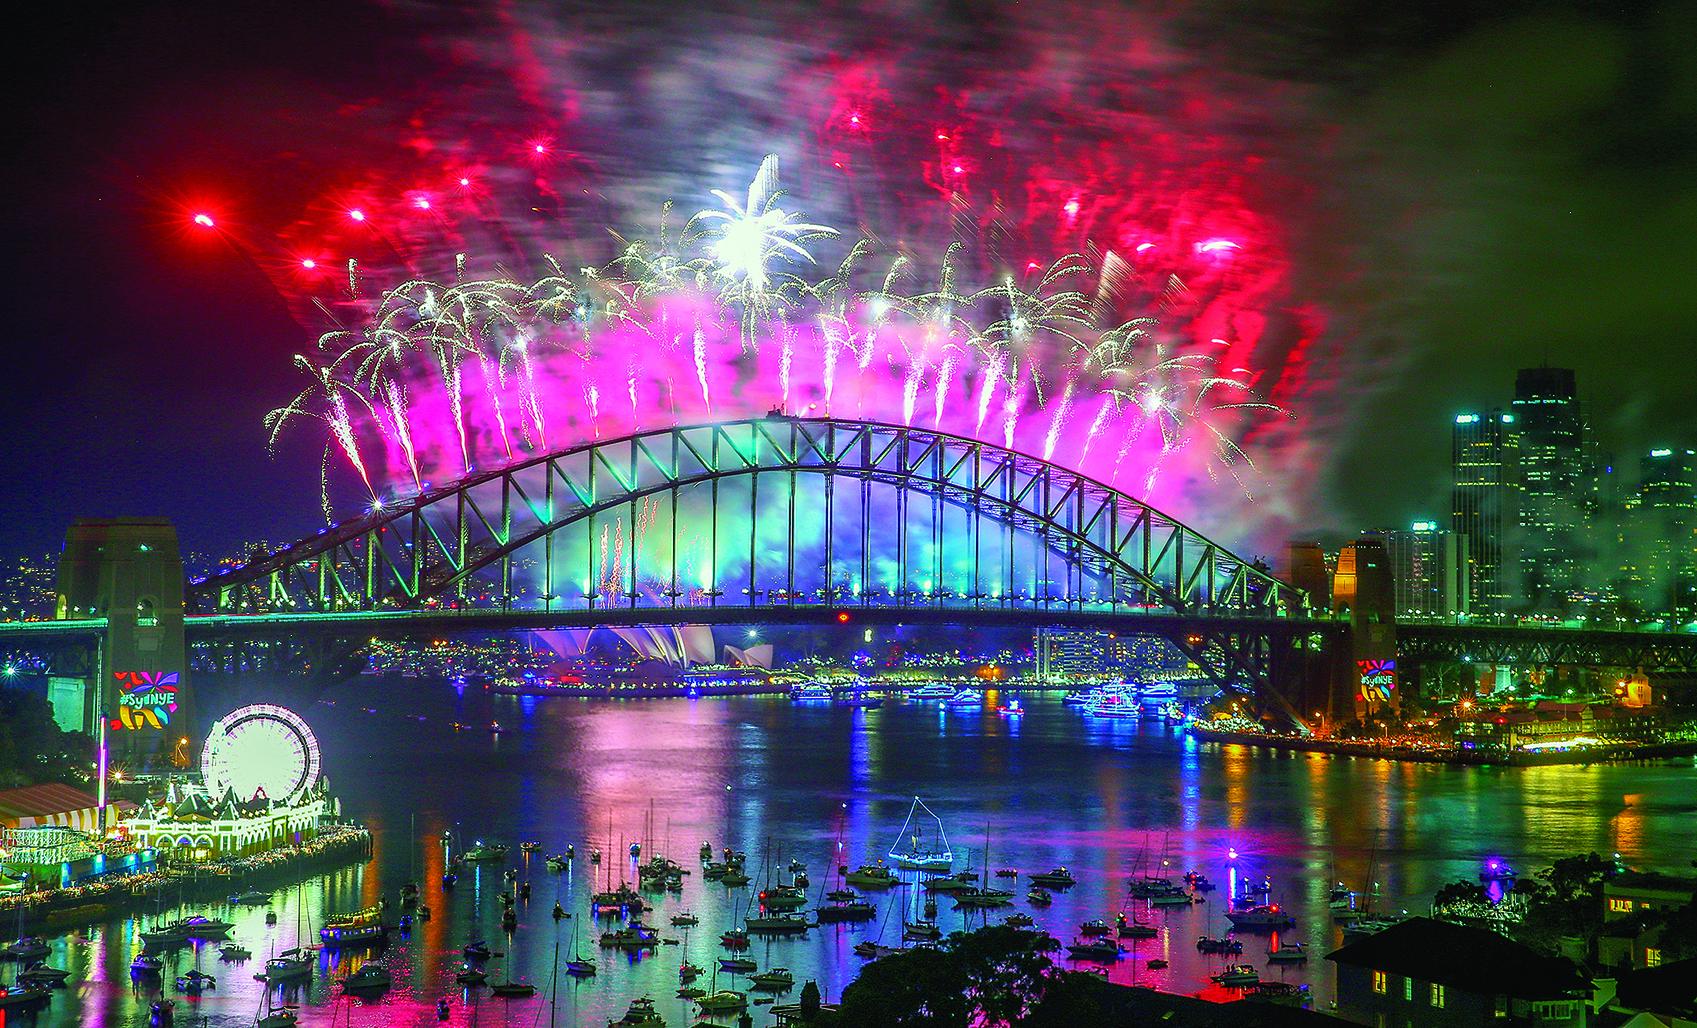 悉尼迎接2018年的煙花秀。(Getty Images)